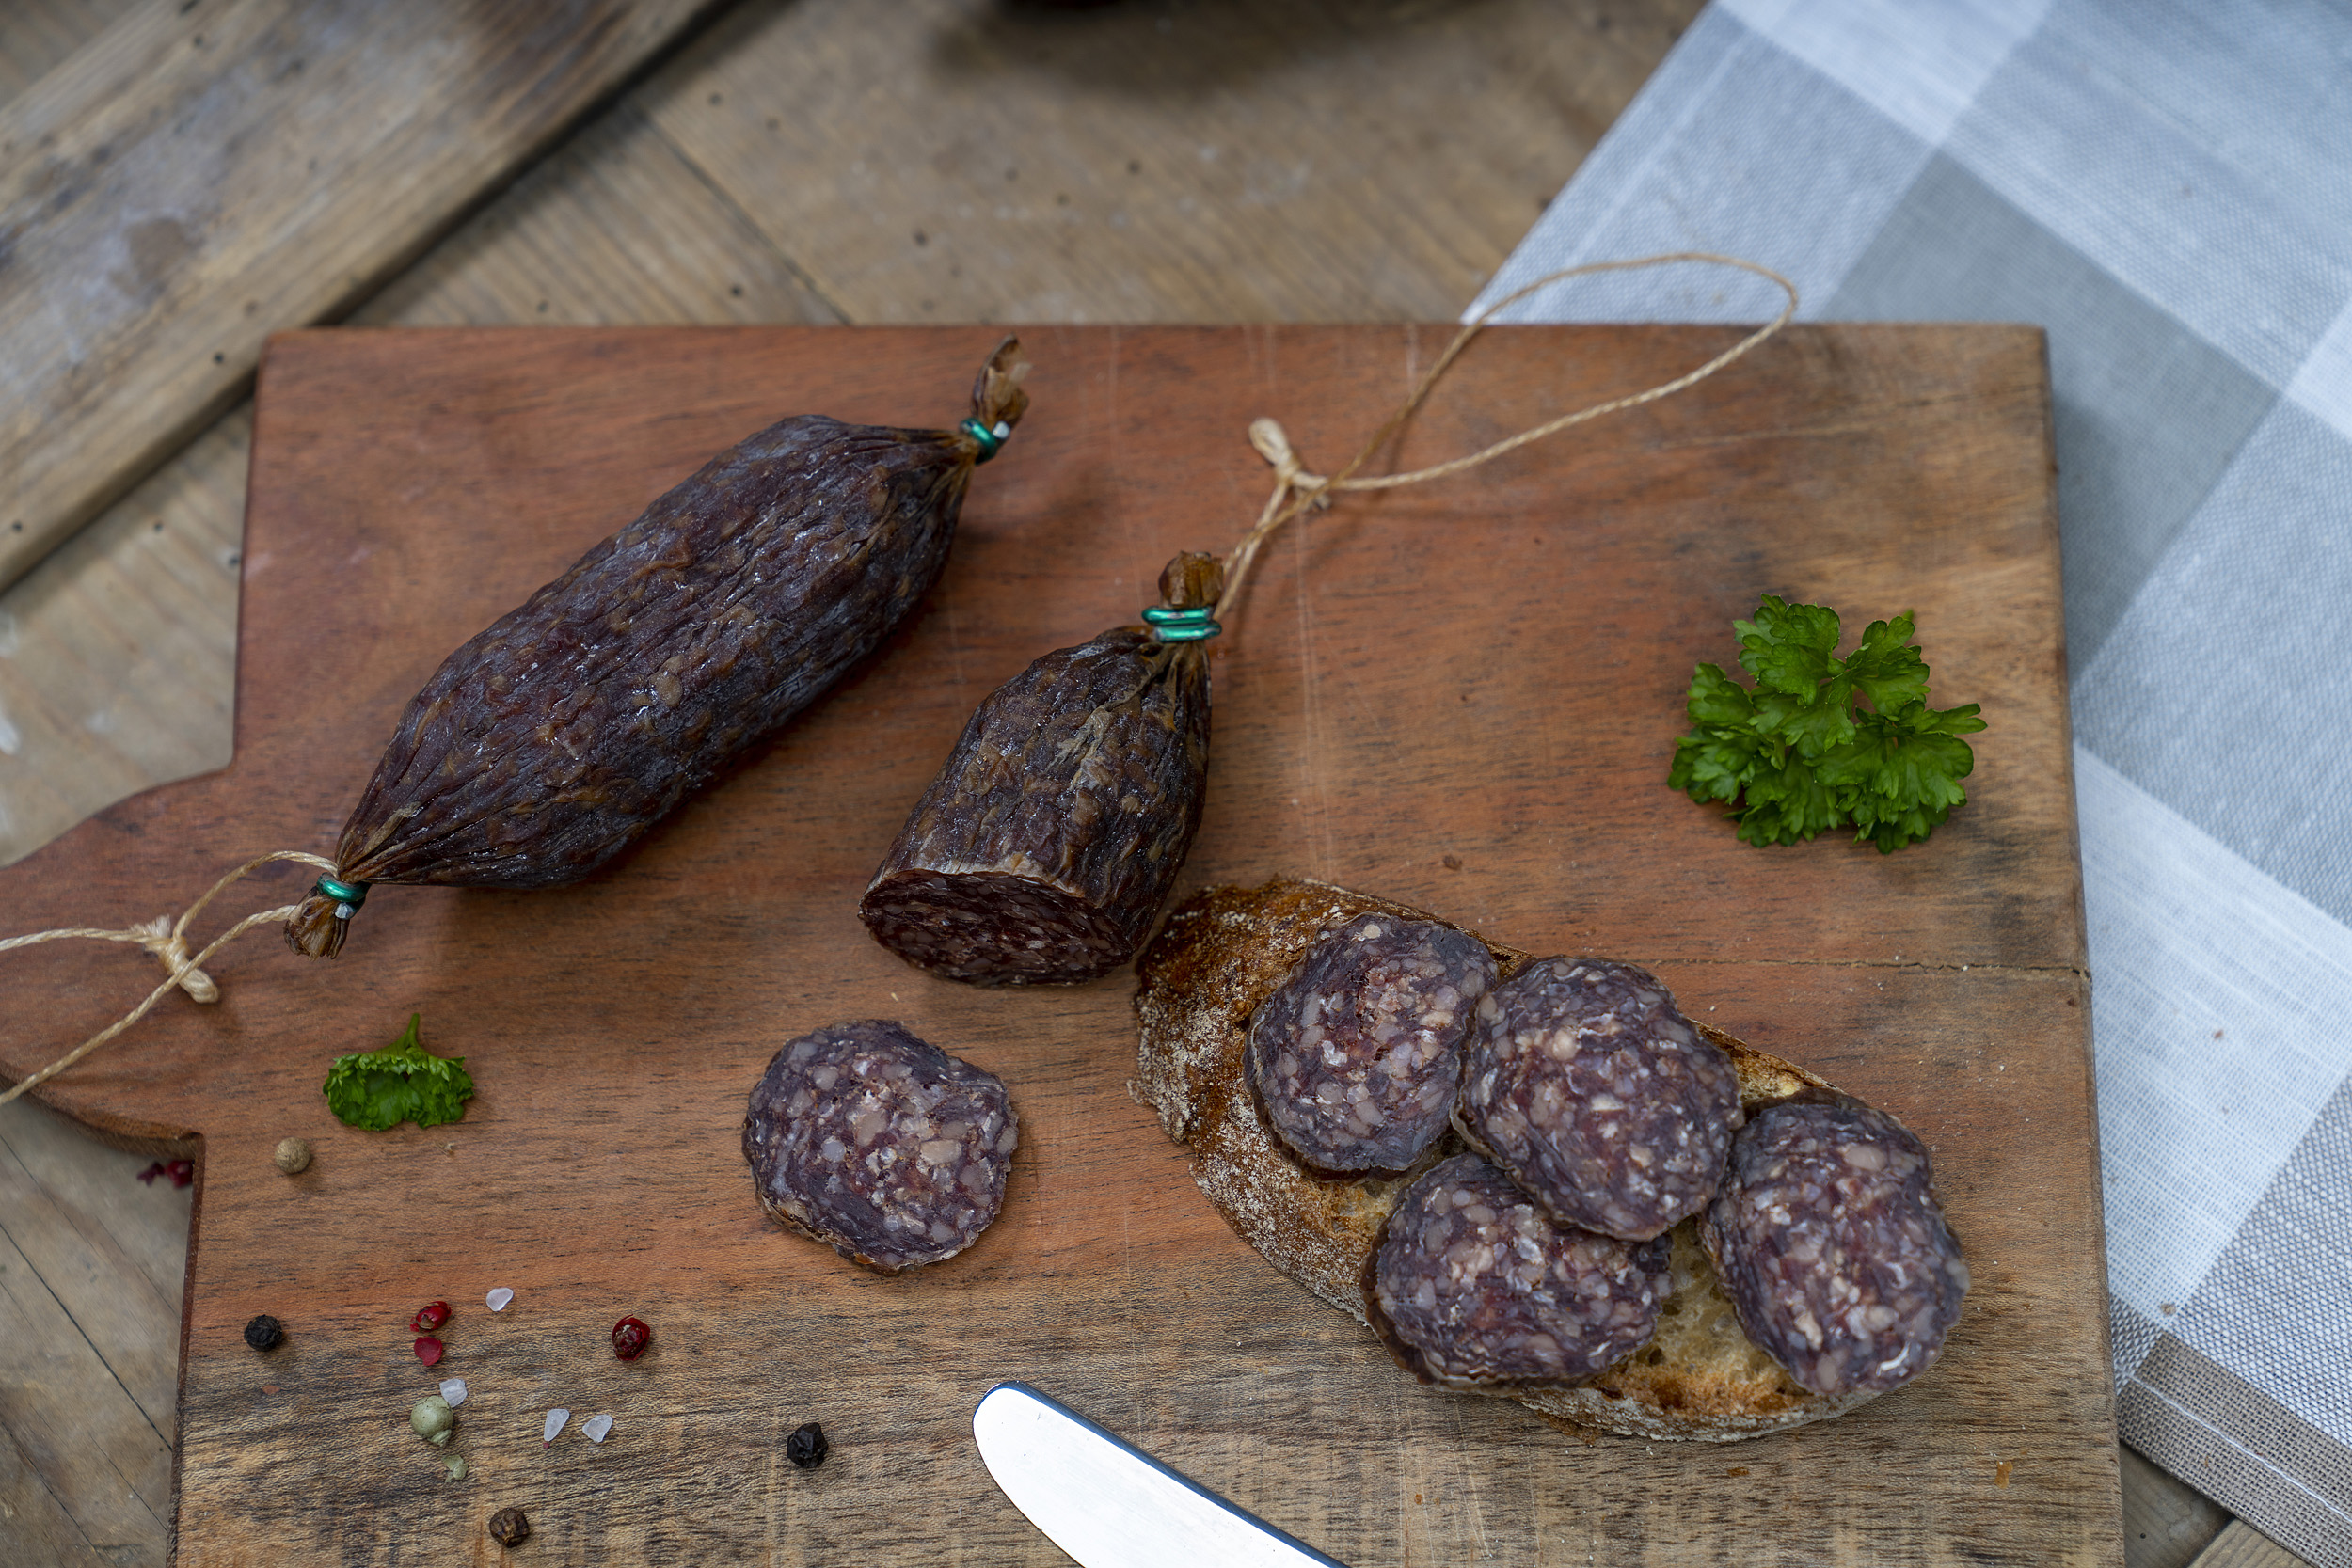 Einige Rindsalamis auf einem Holzbrett. Daneben eine Schnitte mit der Salami.